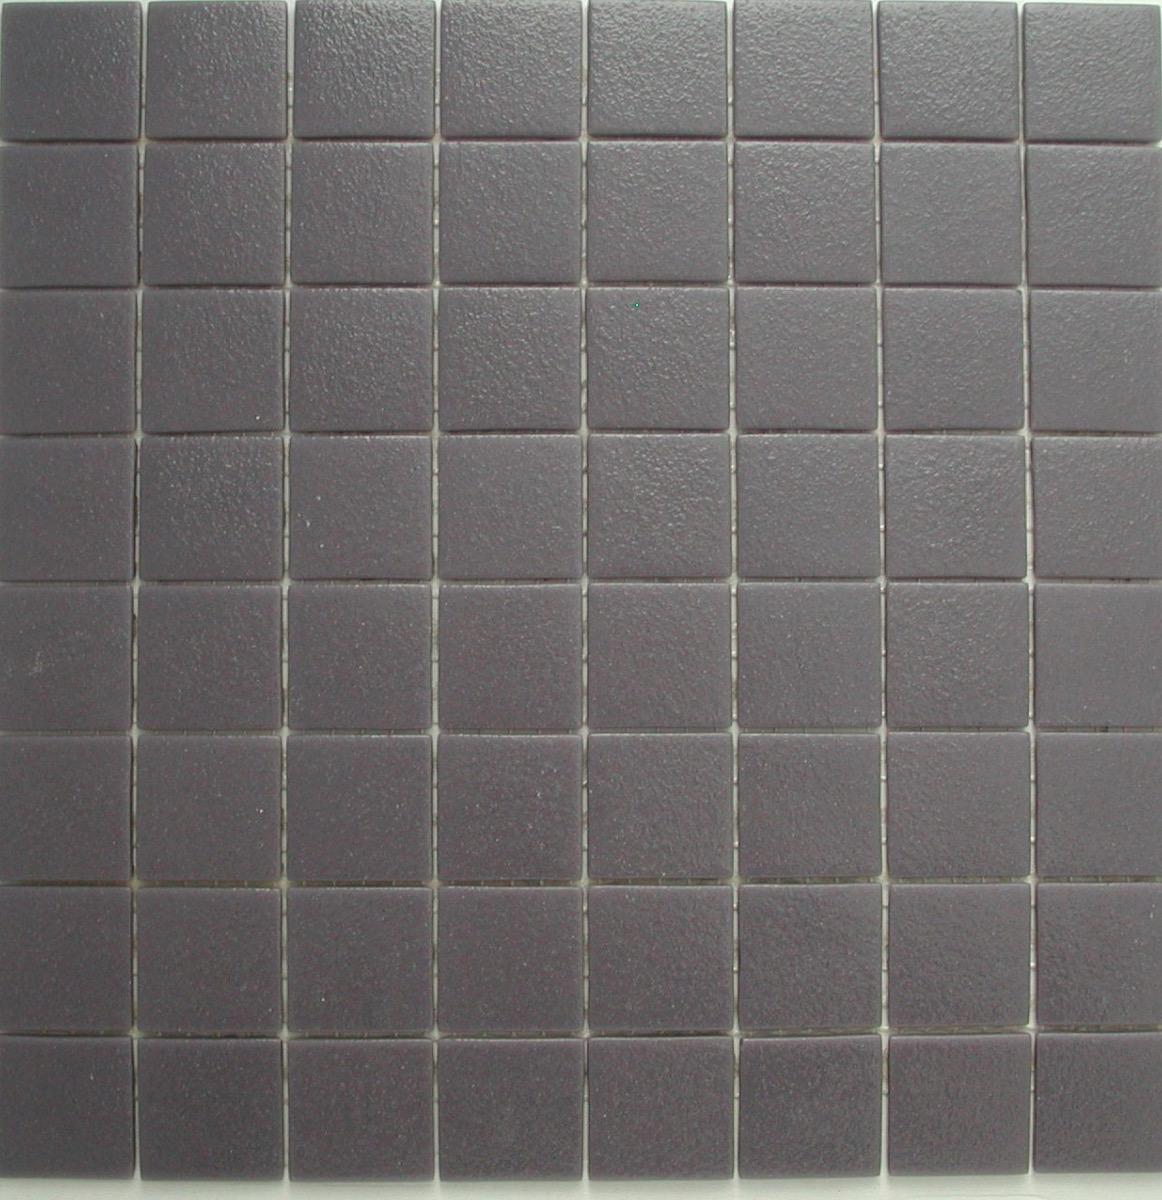 Carrelage De Salle De Bain Gris gris mauve uni antidérapant 4 cm mosaïque émaux par m²